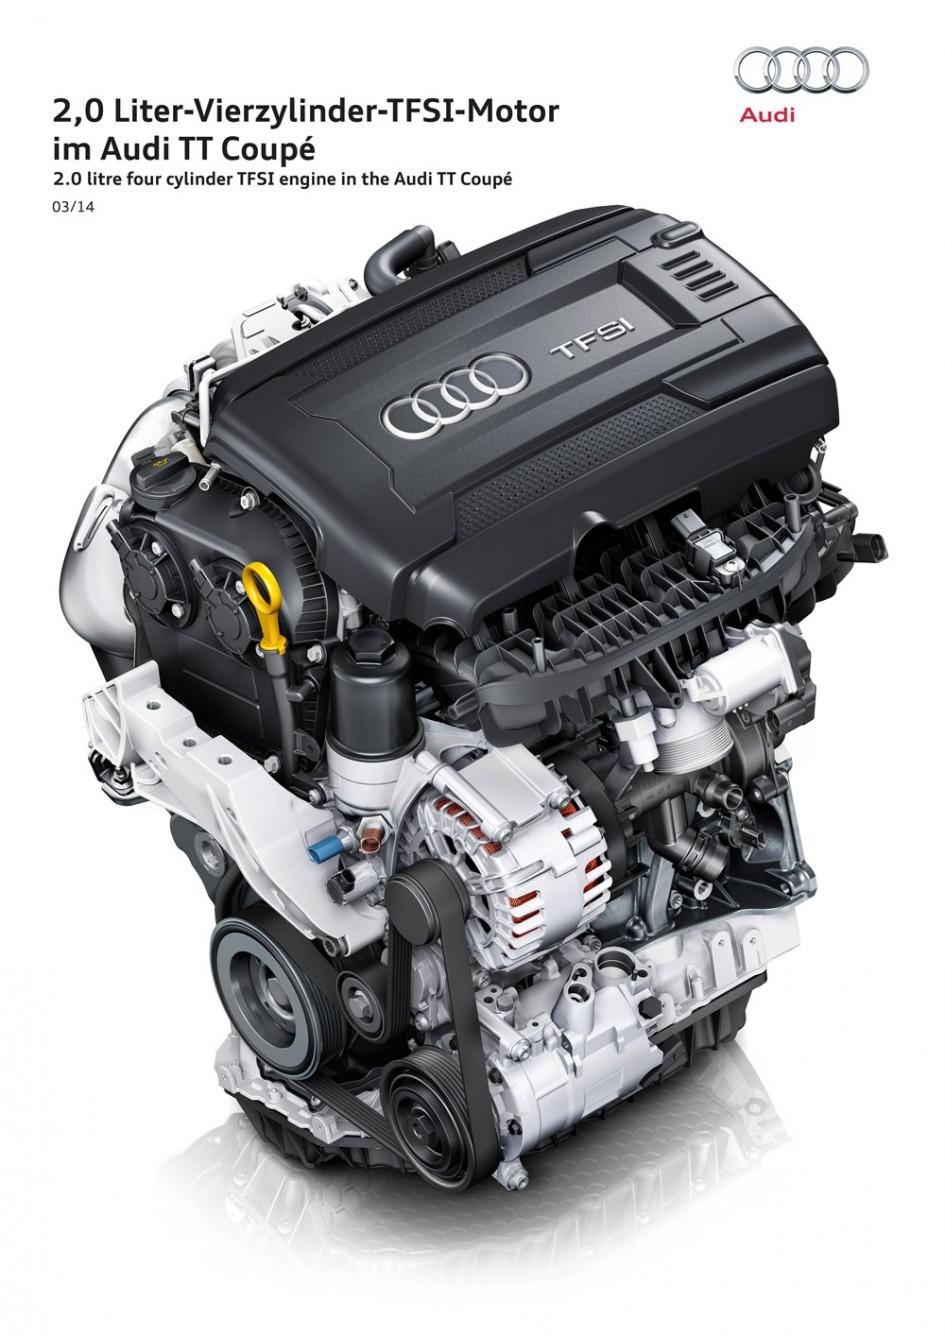 Moteur TFSI - Audi TT